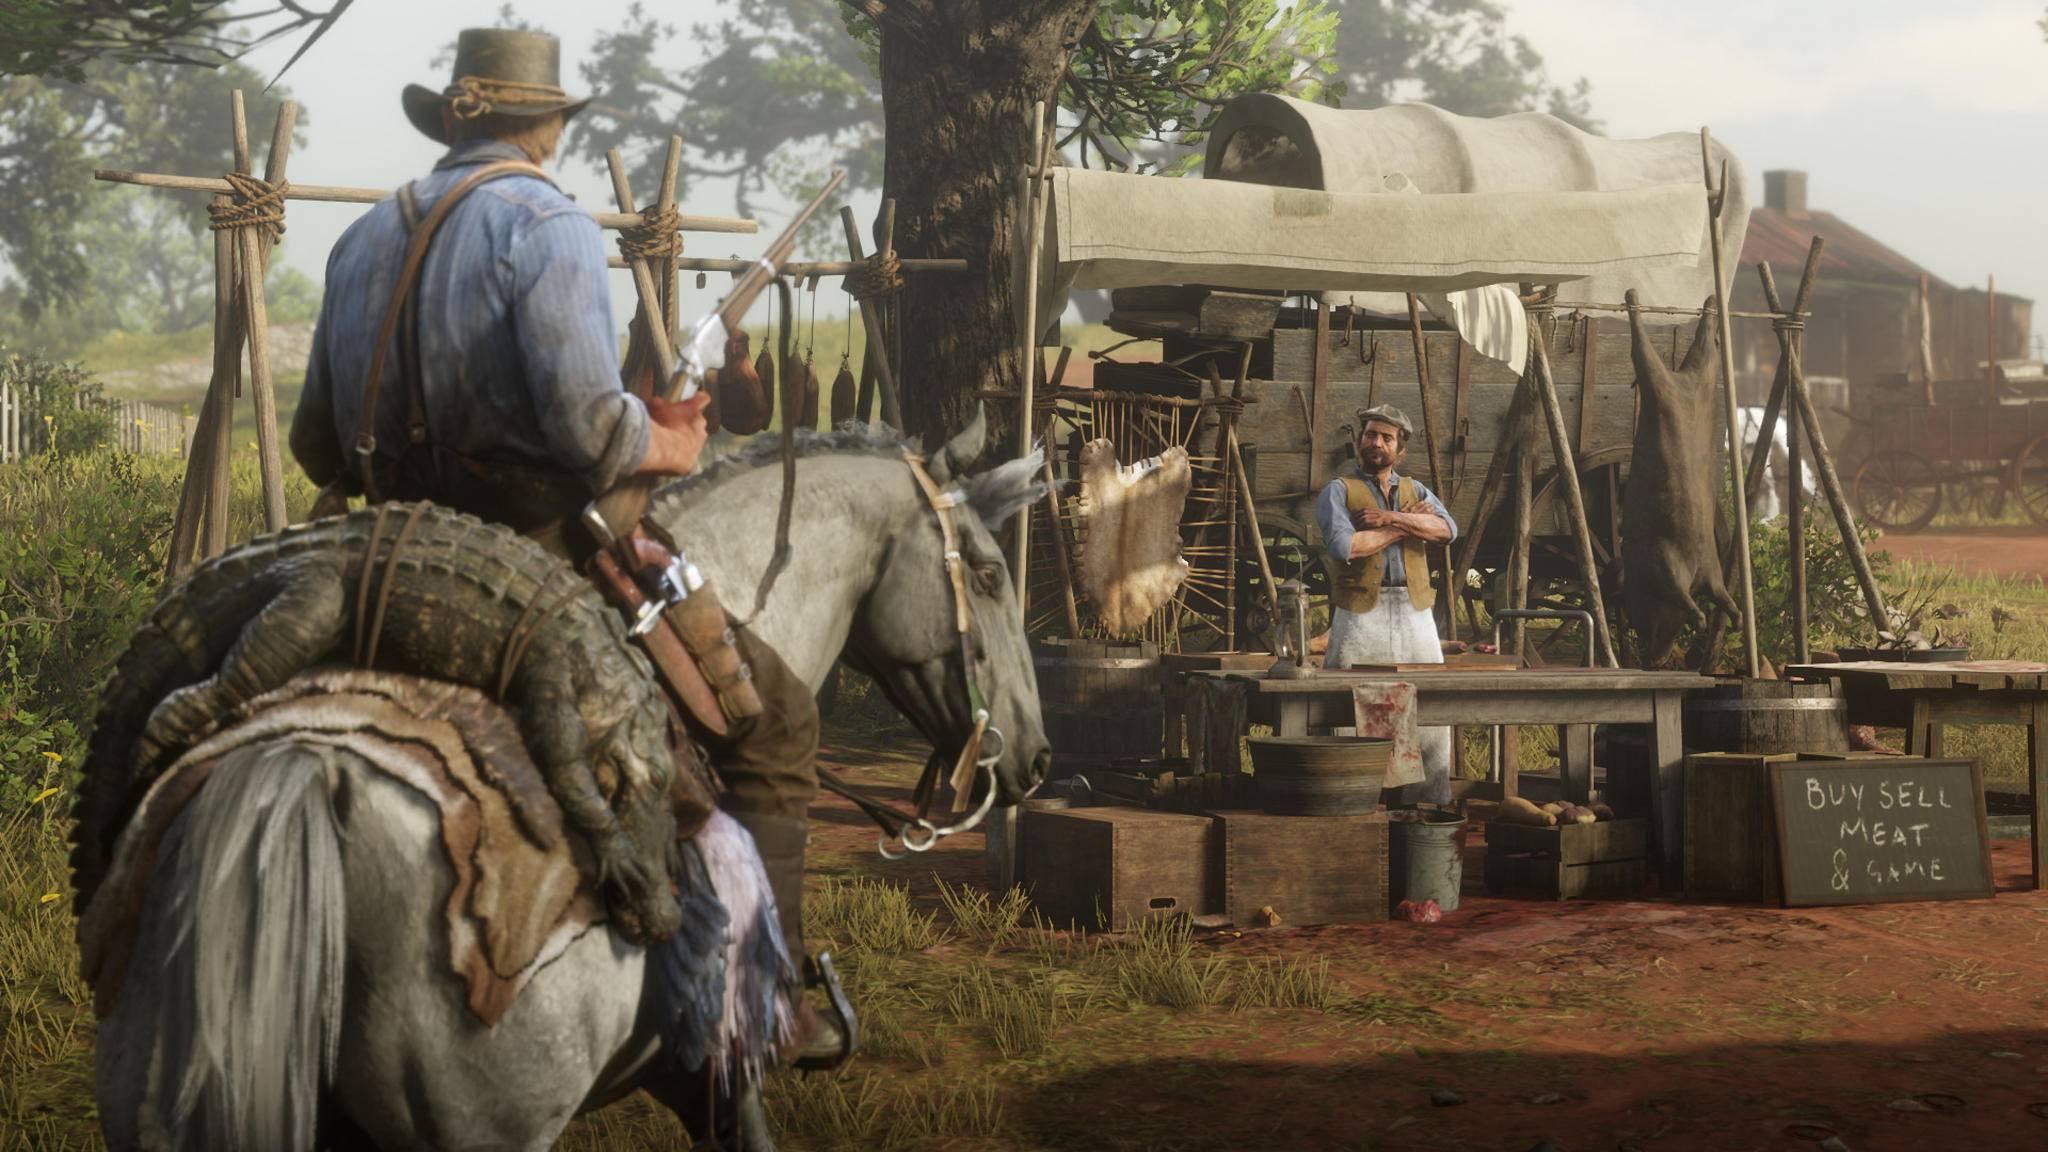 Bei den Trappern kann Arthur seine Jagdbeute an den Mann bringen.